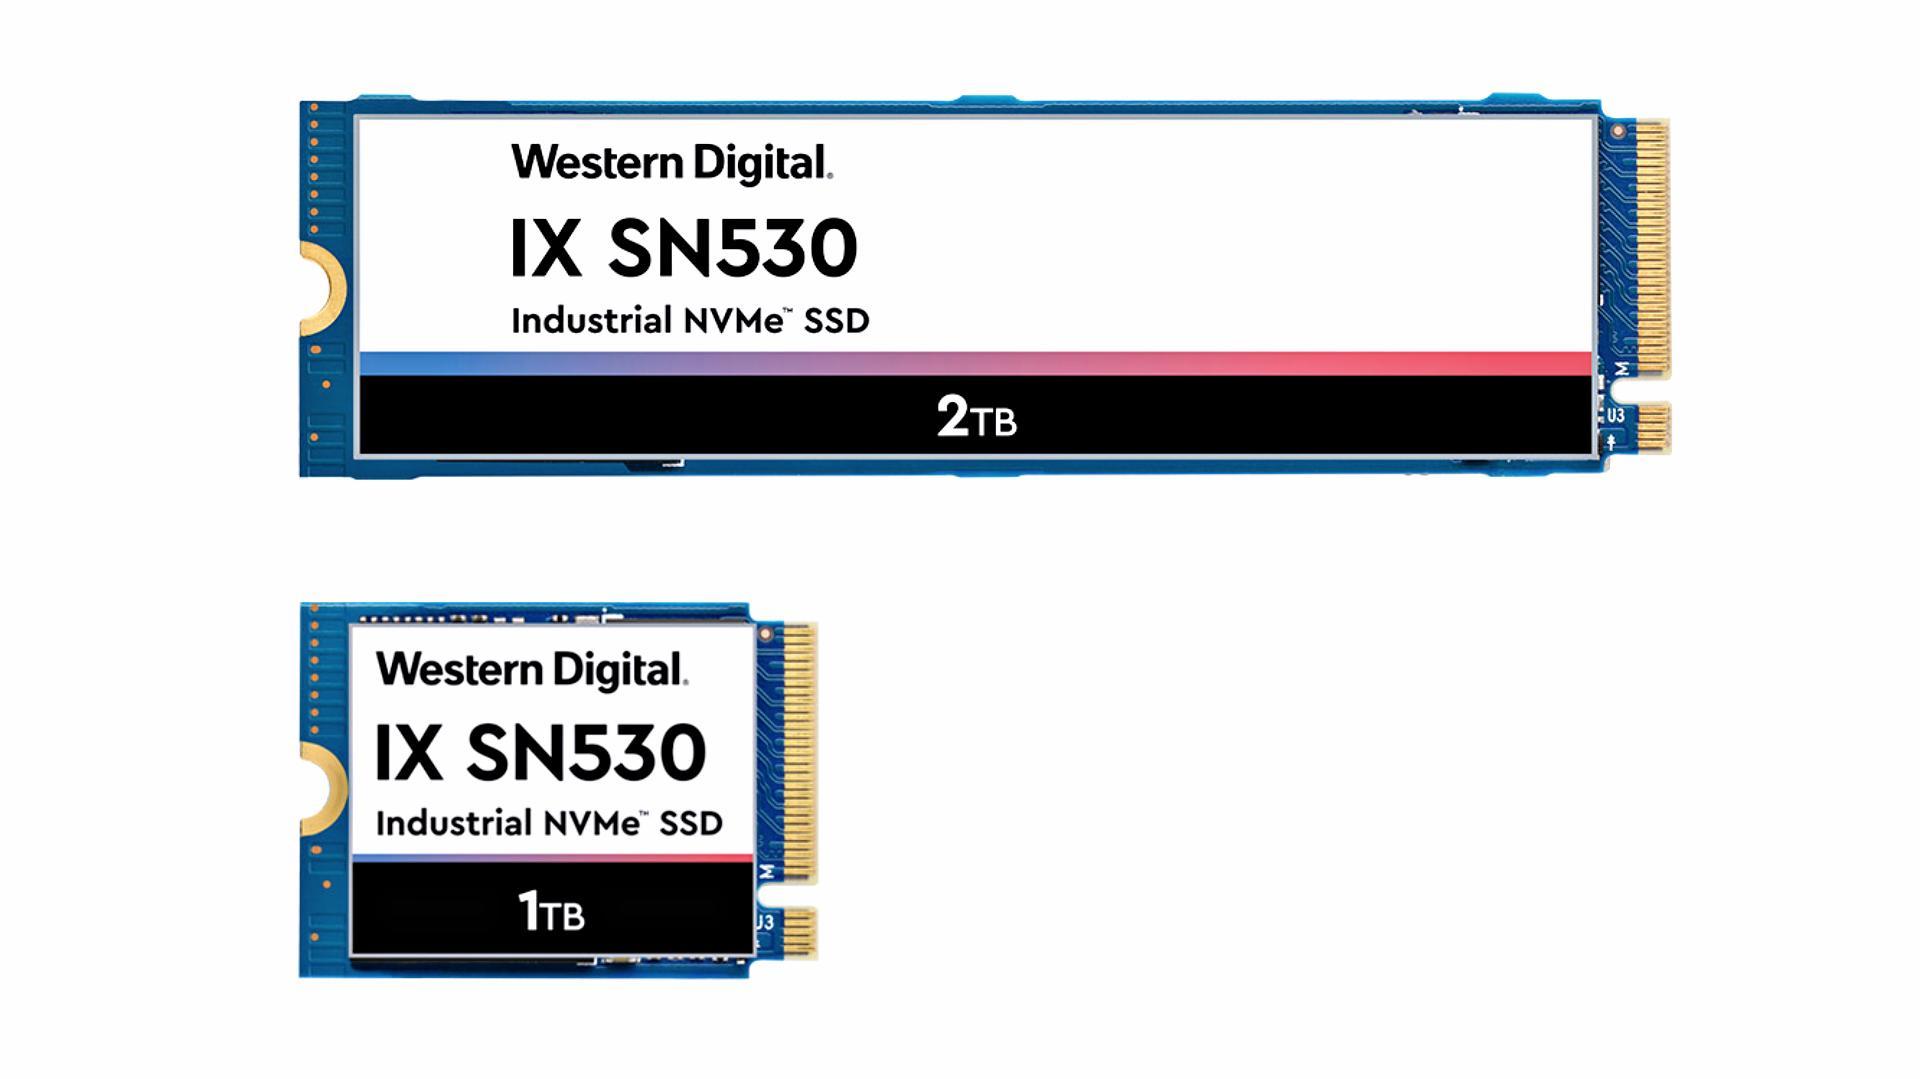 [웨스턴디지털_이미지] 웨스턴디지털 IX SN530 산업용 SSD.jpg